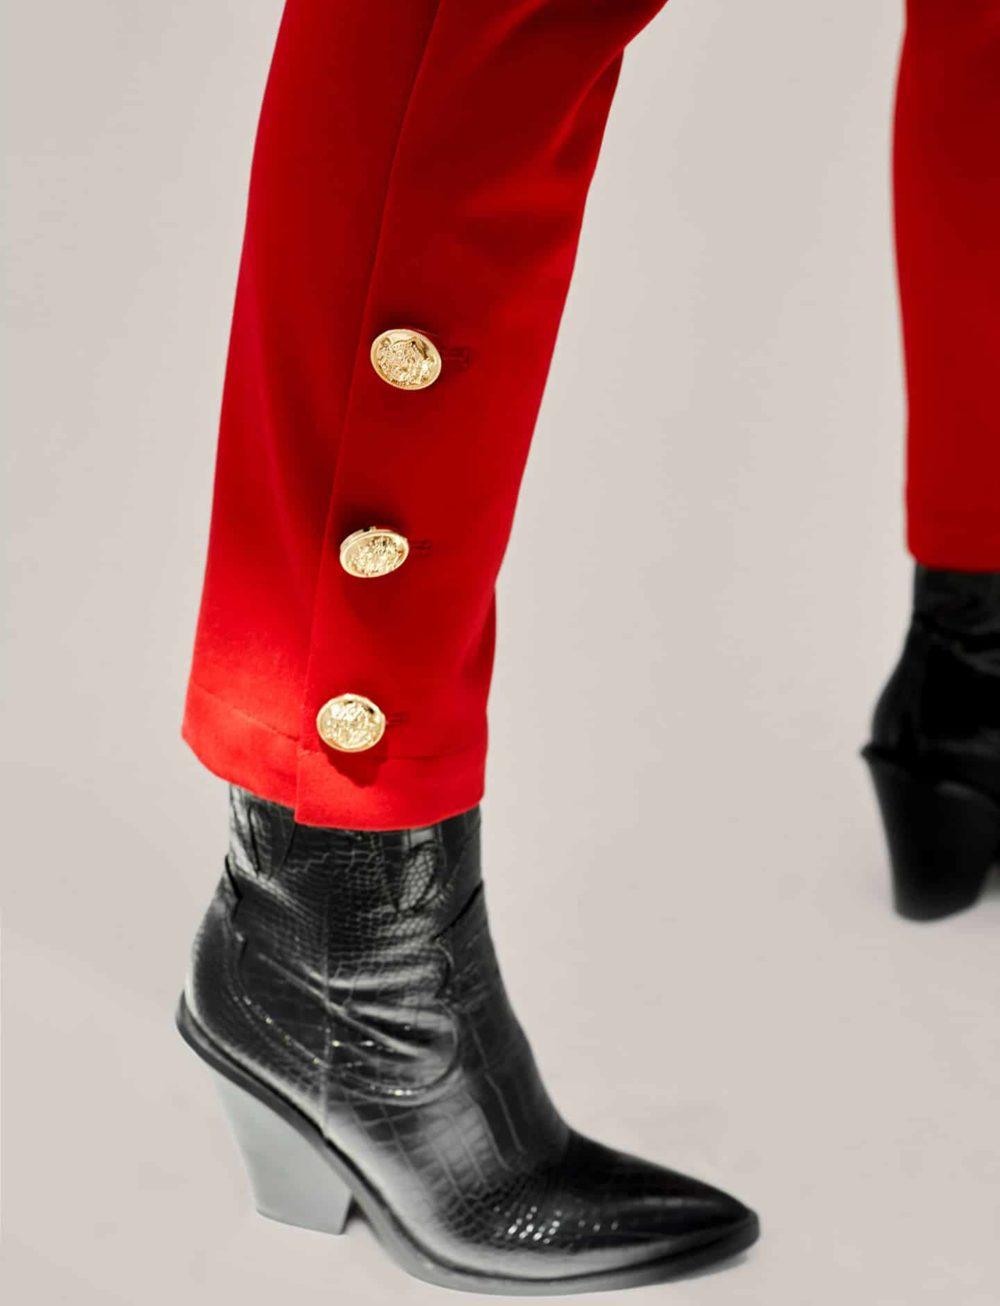 pantalon-chino-rojo-detalle-botones-tobillo